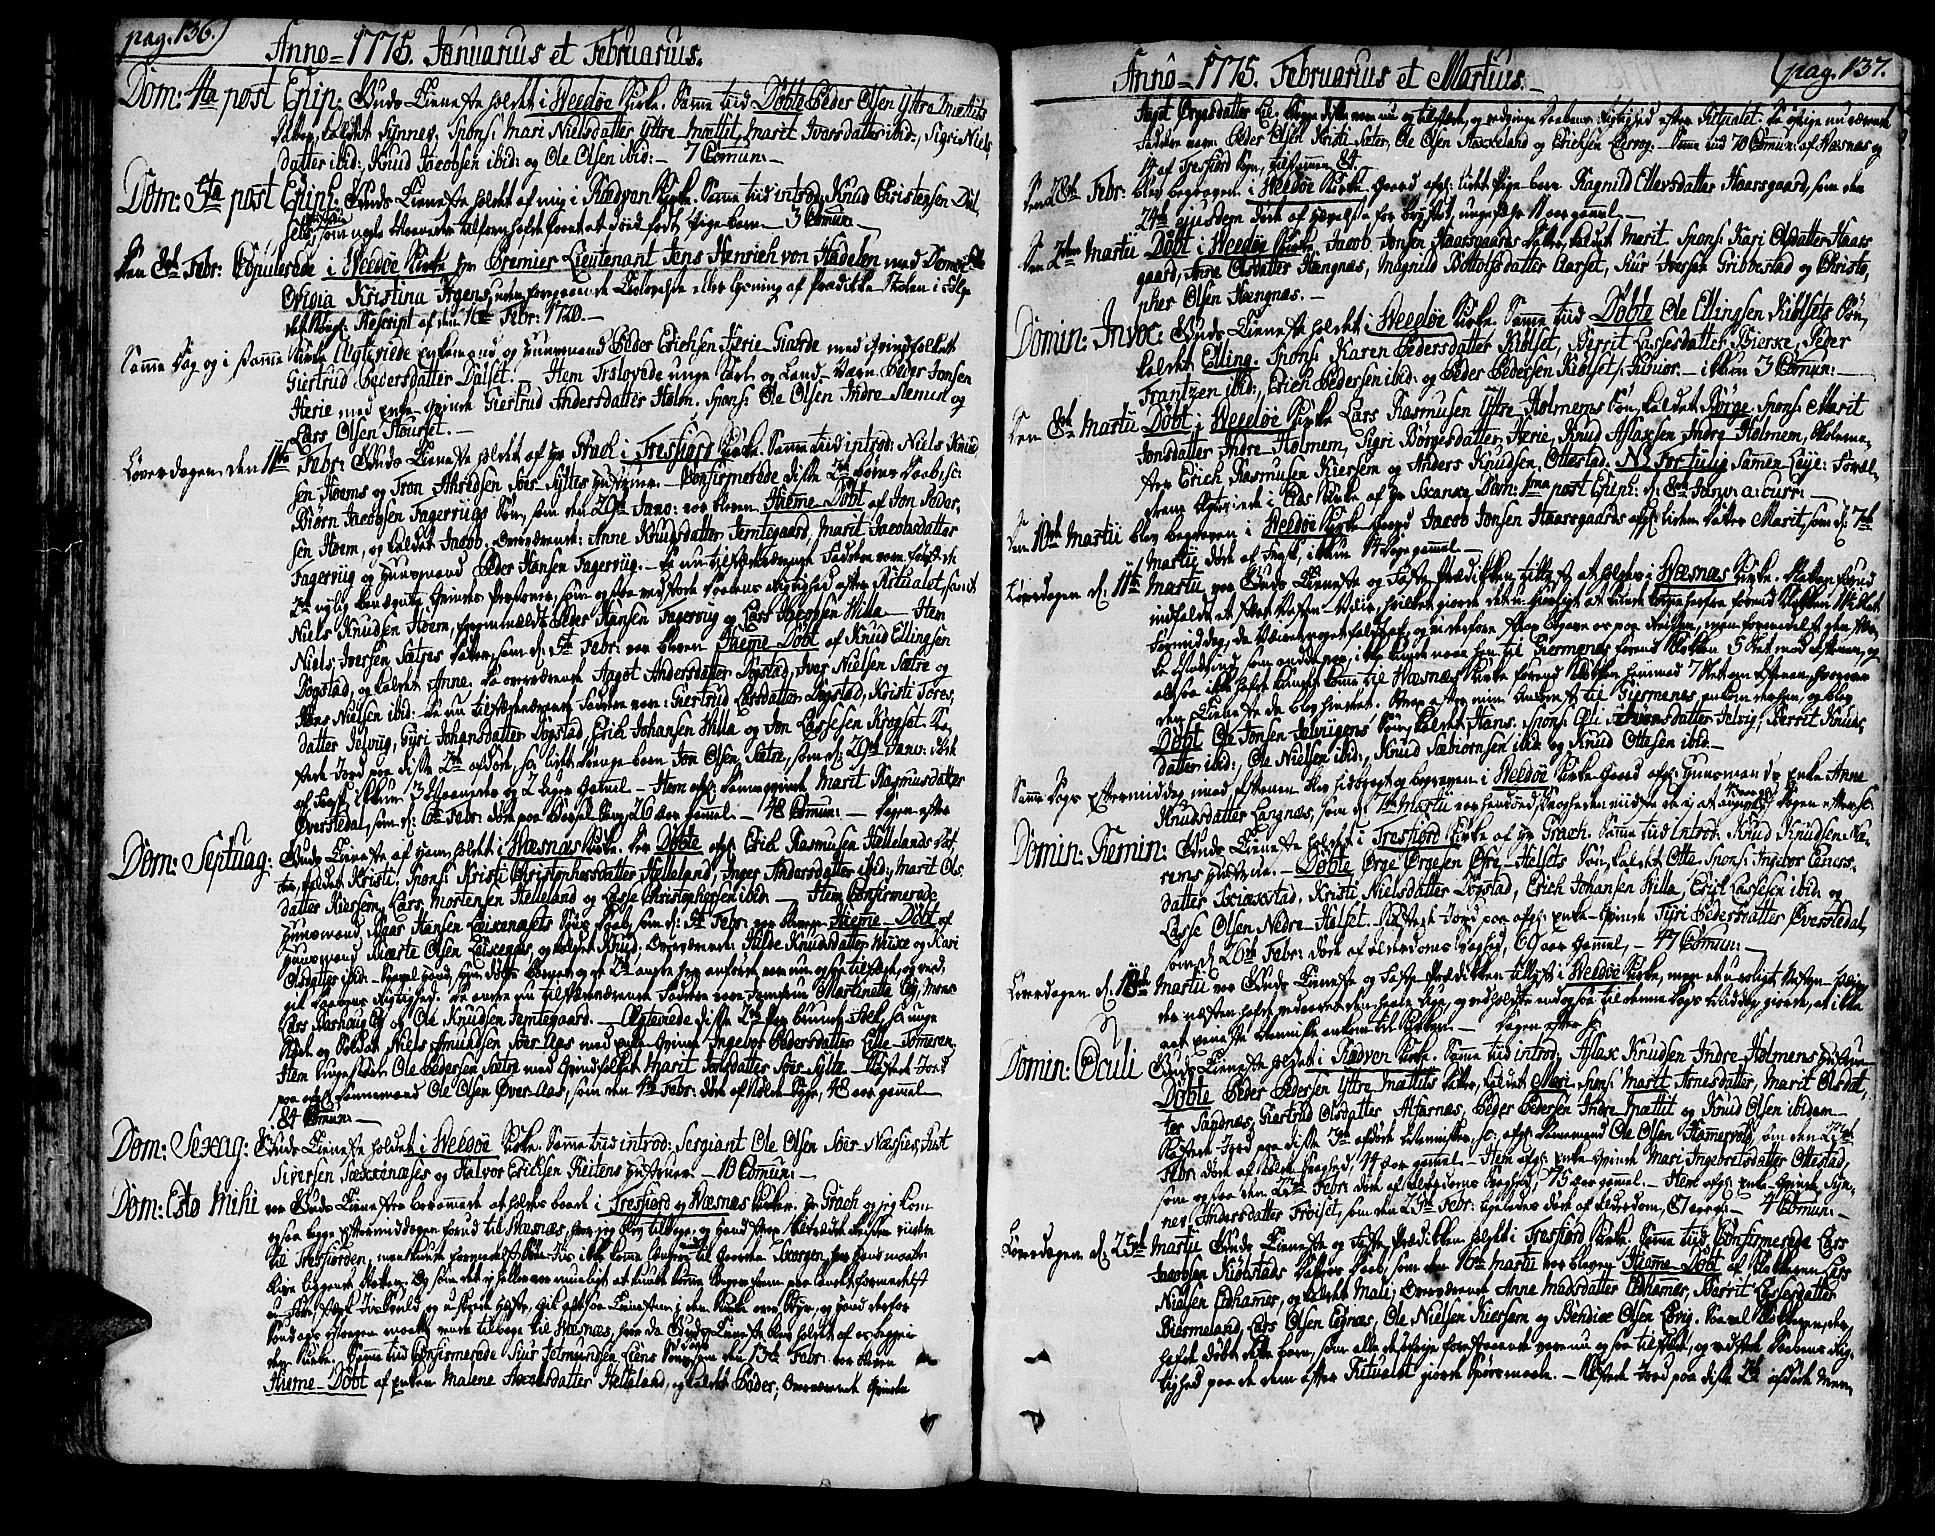 SAT, Ministerialprotokoller, klokkerbøker og fødselsregistre - Møre og Romsdal, 547/L0600: Ministerialbok nr. 547A02, 1765-1799, s. 136-137